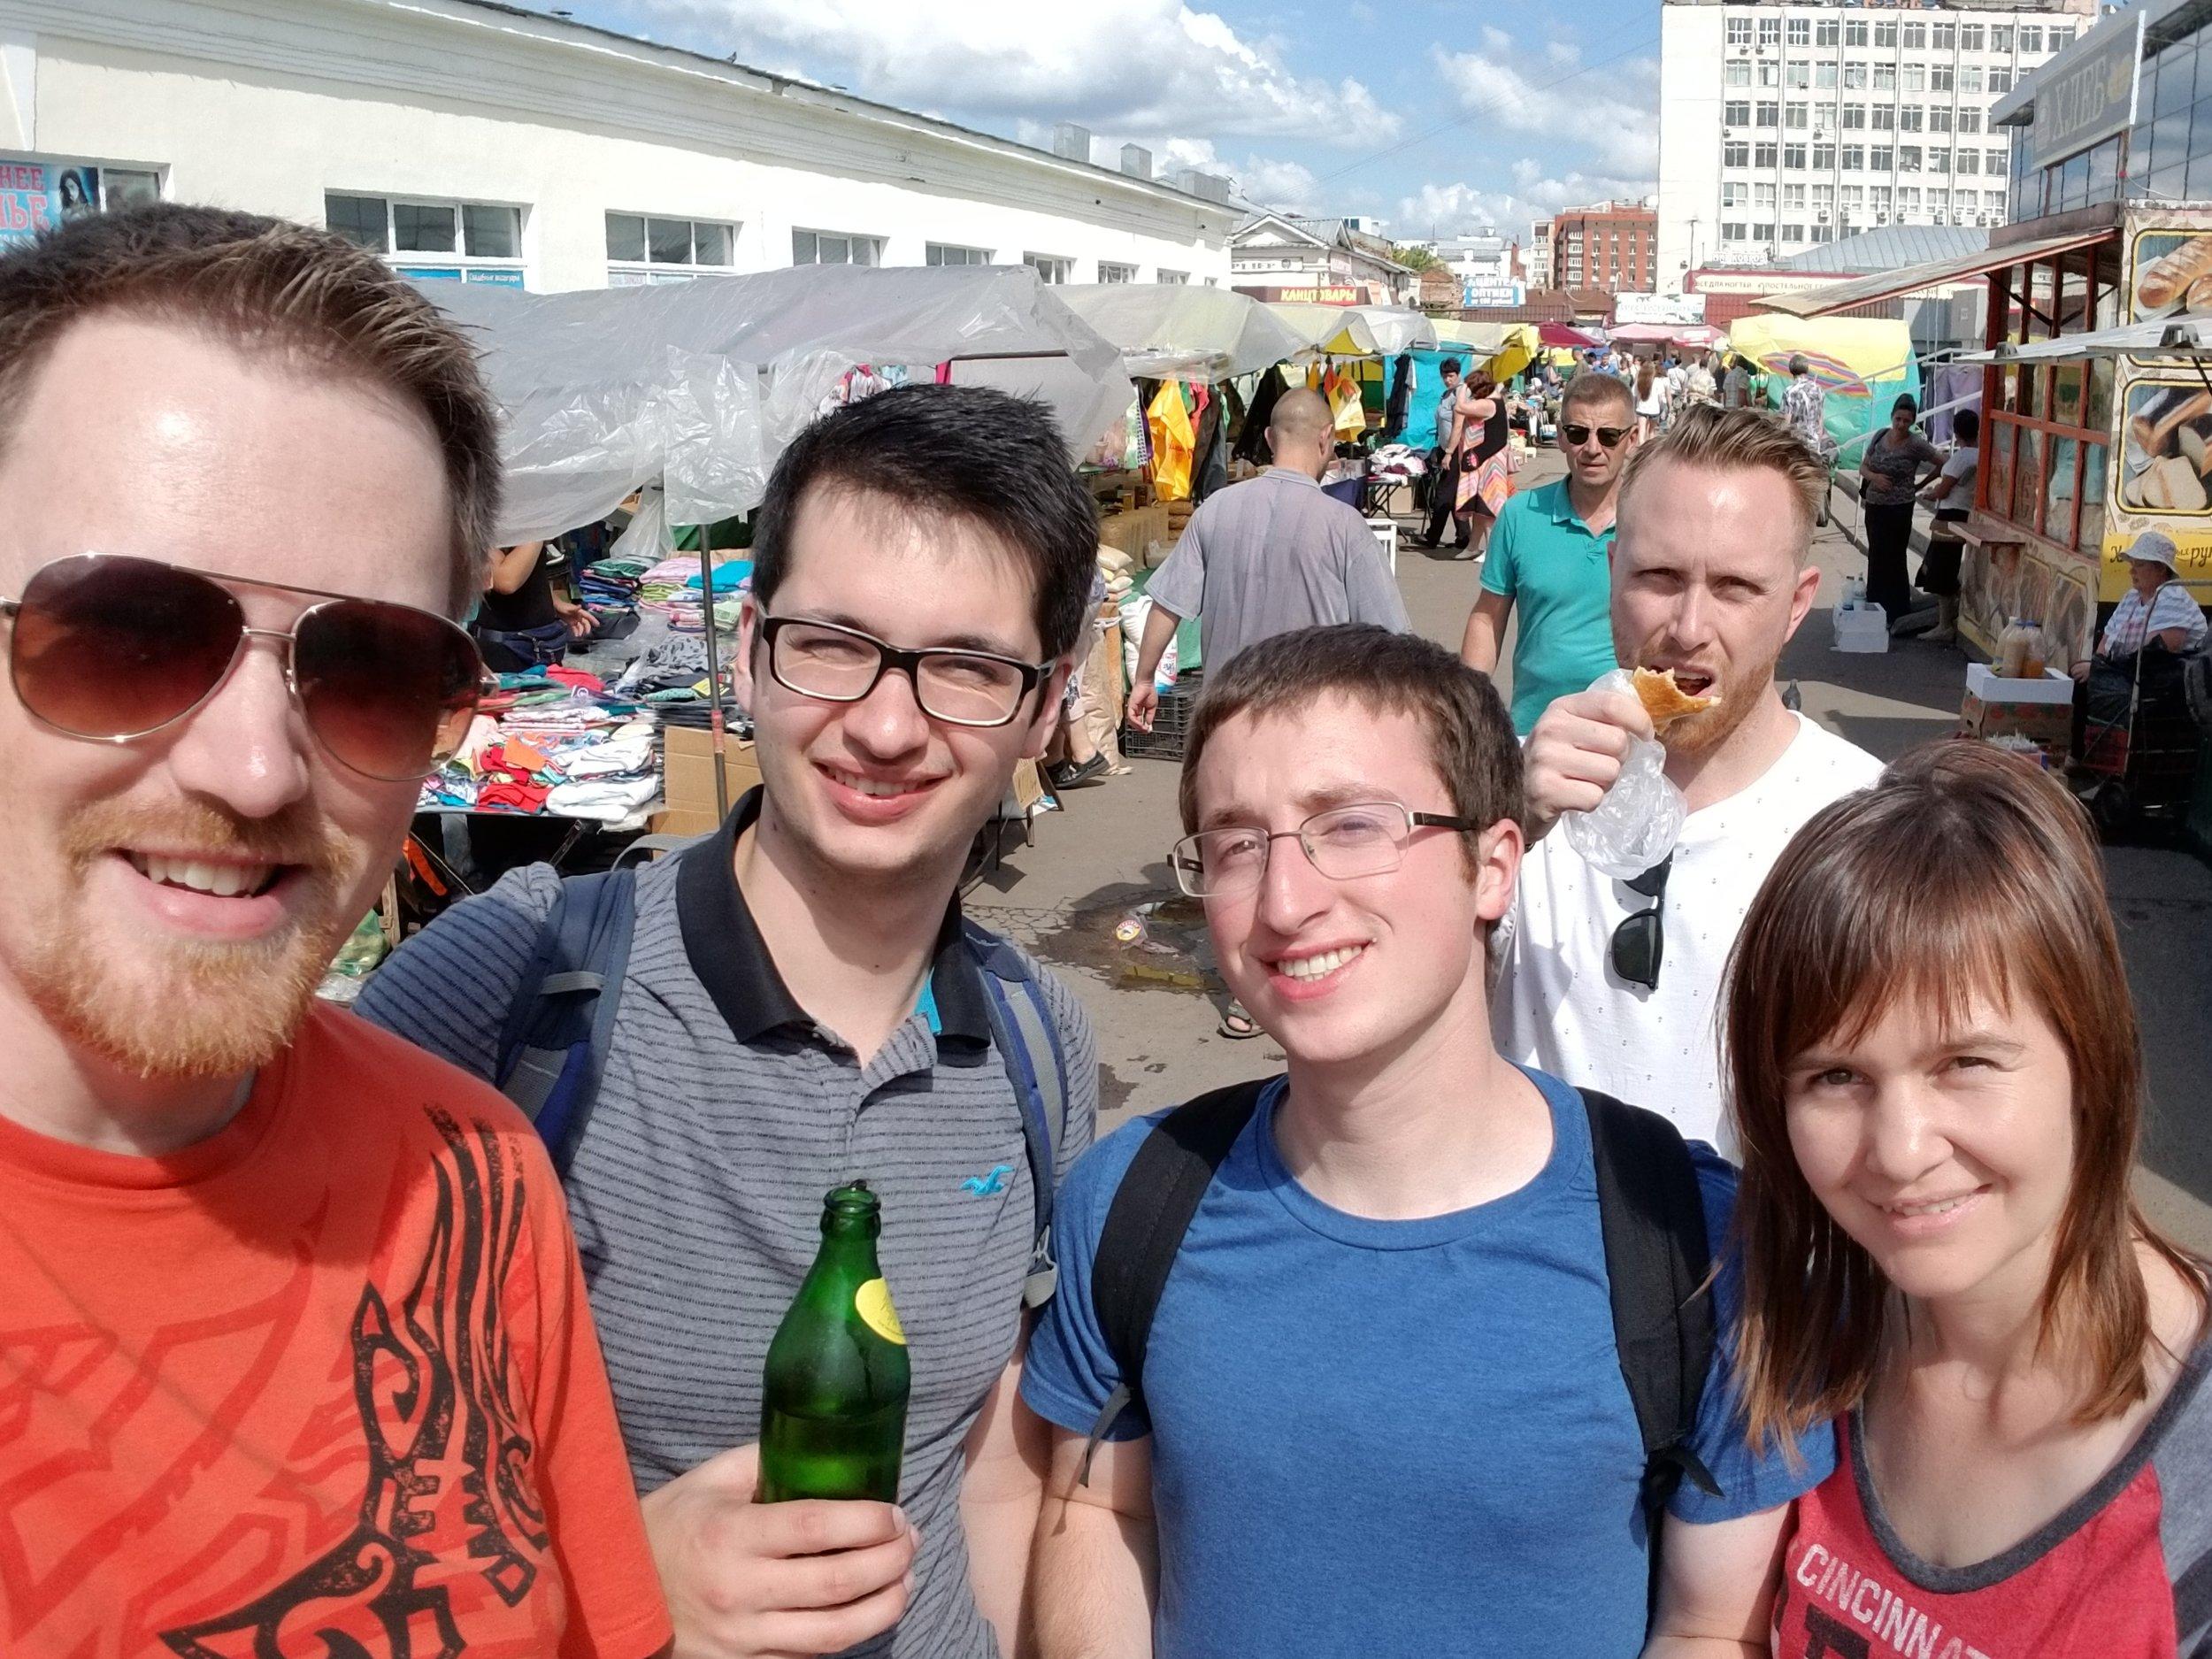 Pete, Adam, Nathan, Anya and Kenny enjoying street food at the market